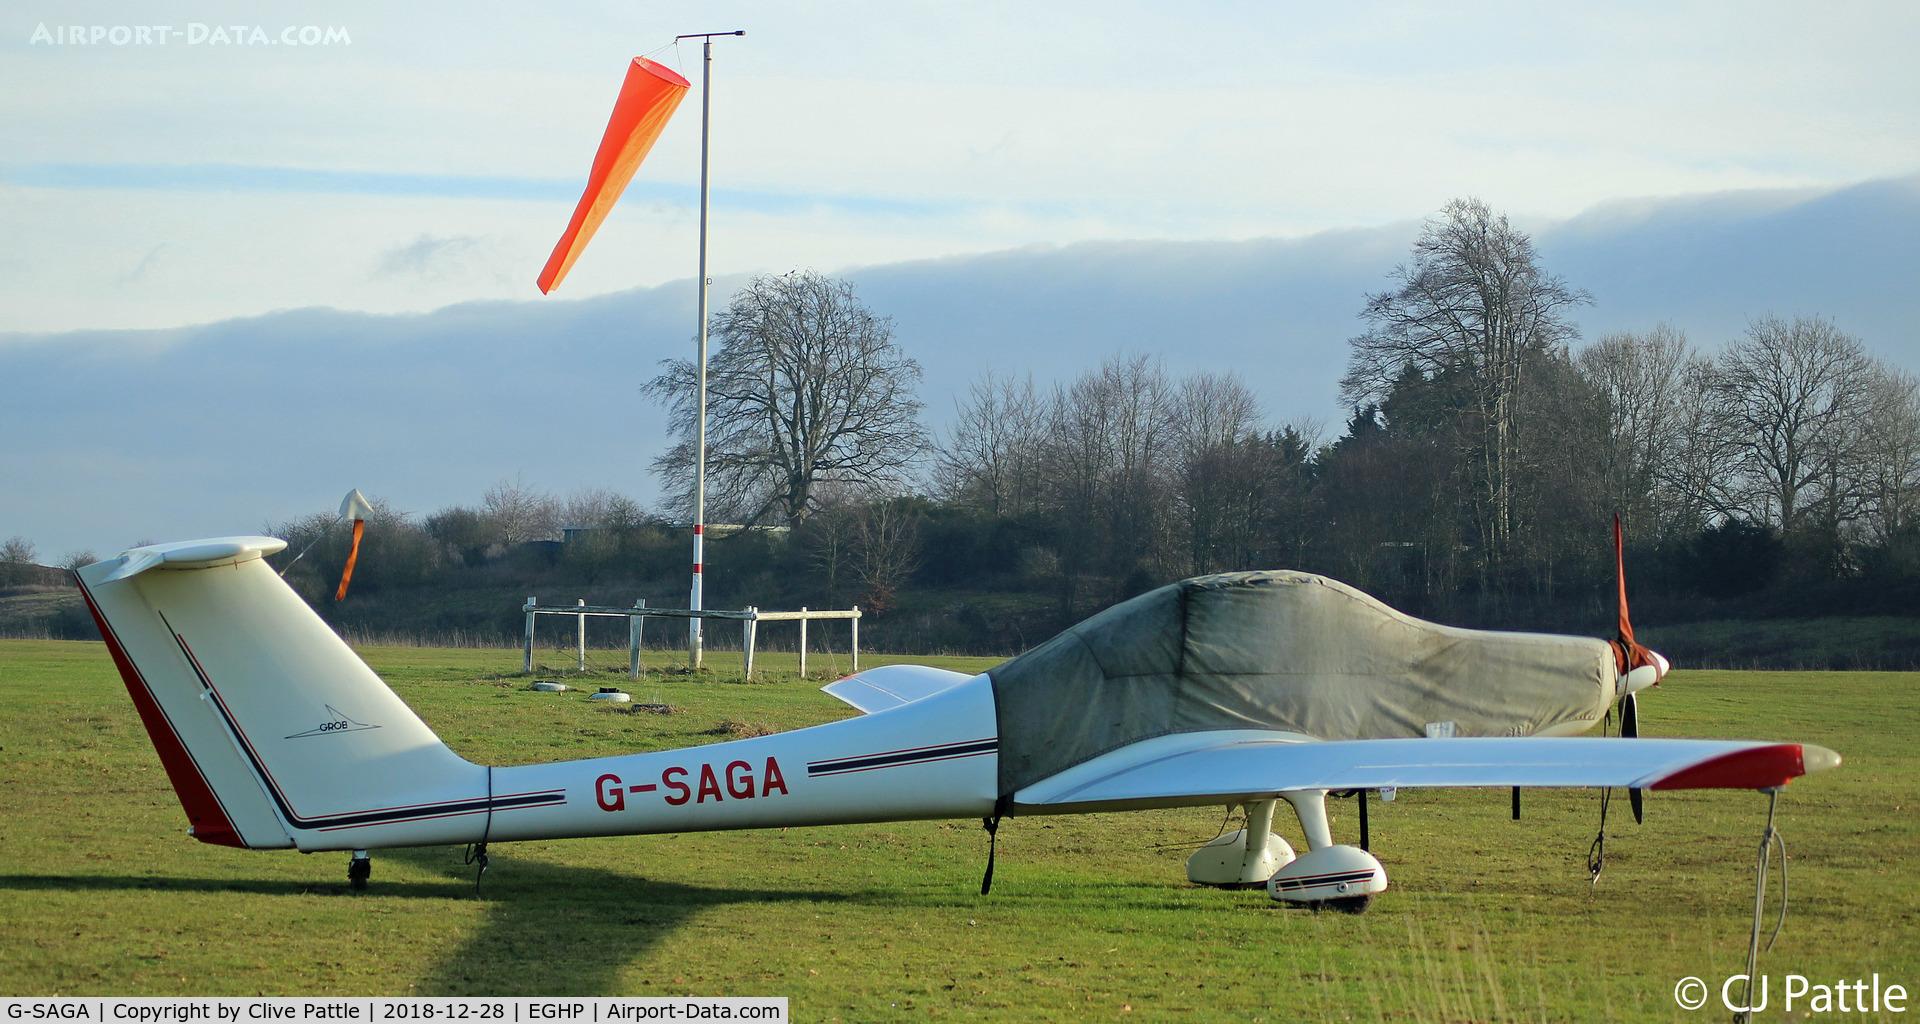 G-SAGA, 1985 Grob G-109B C/N 6364, At Popham